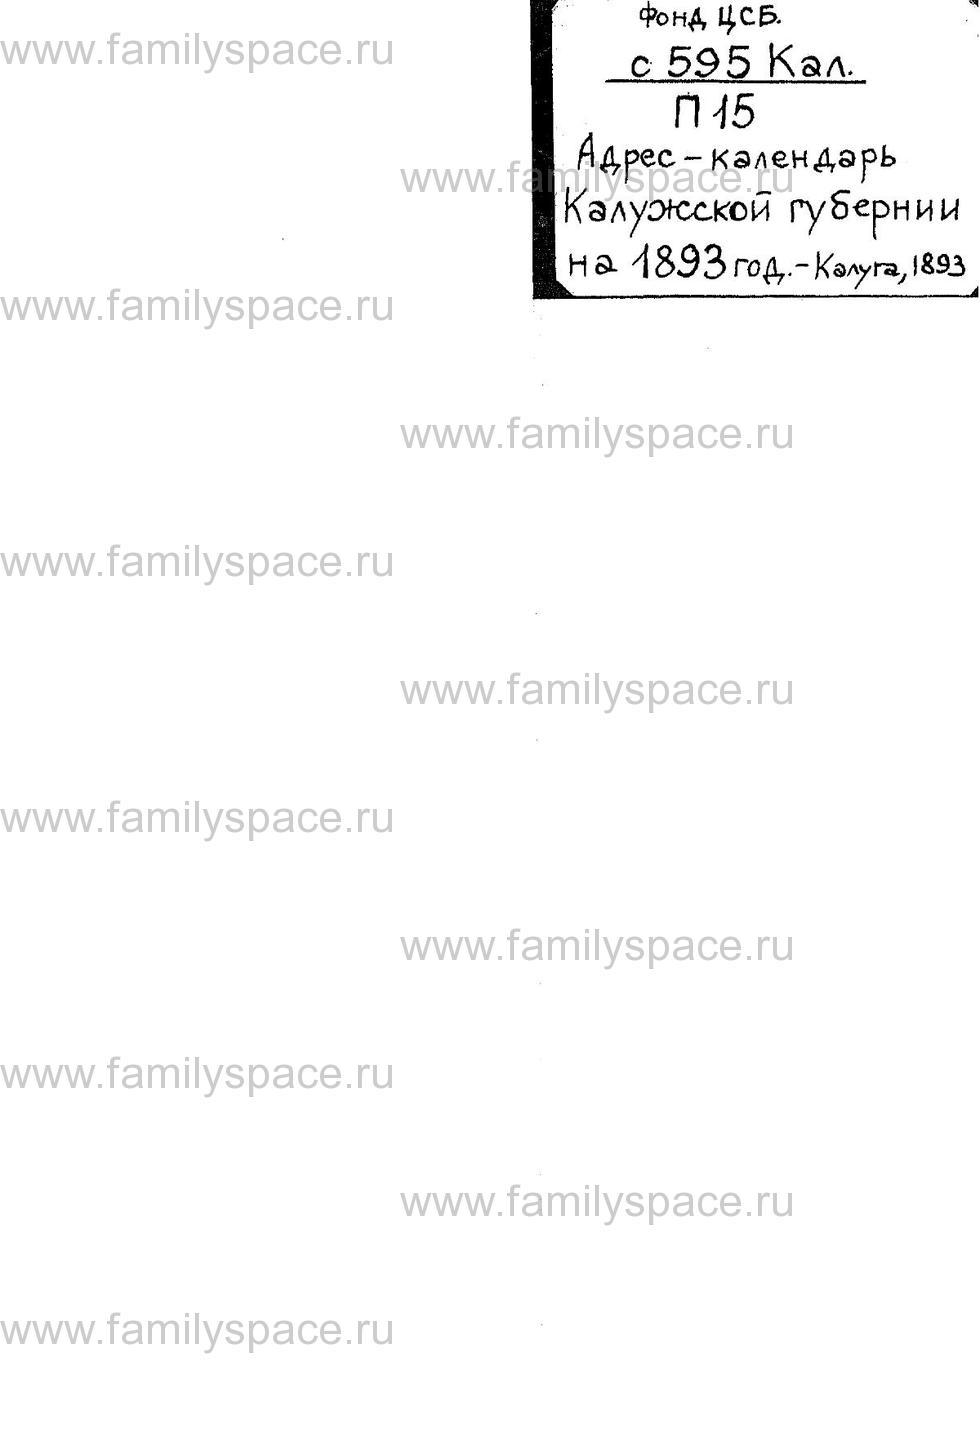 Поиск по фамилии - Адрес-календарь Калужской губернии на 1893 год, страница 3029